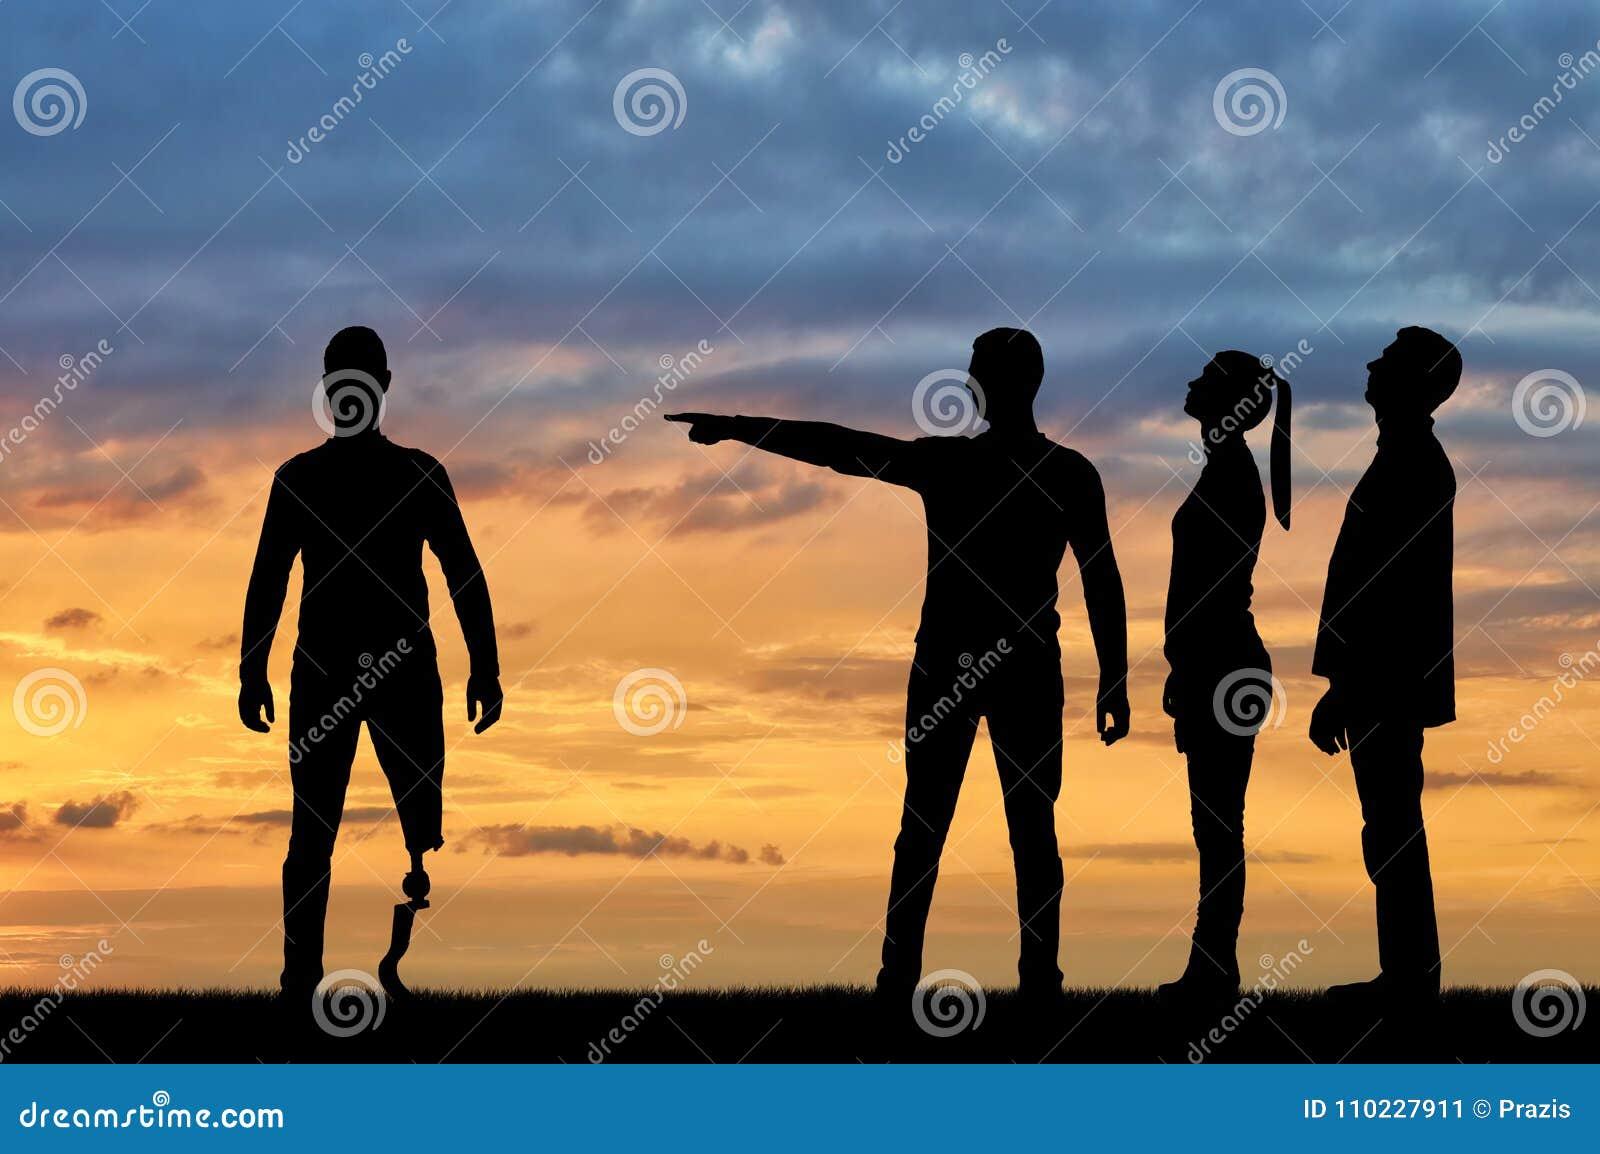 人人群讲清楚对有腿假肢的残疾人他应该走开 歧视的概念